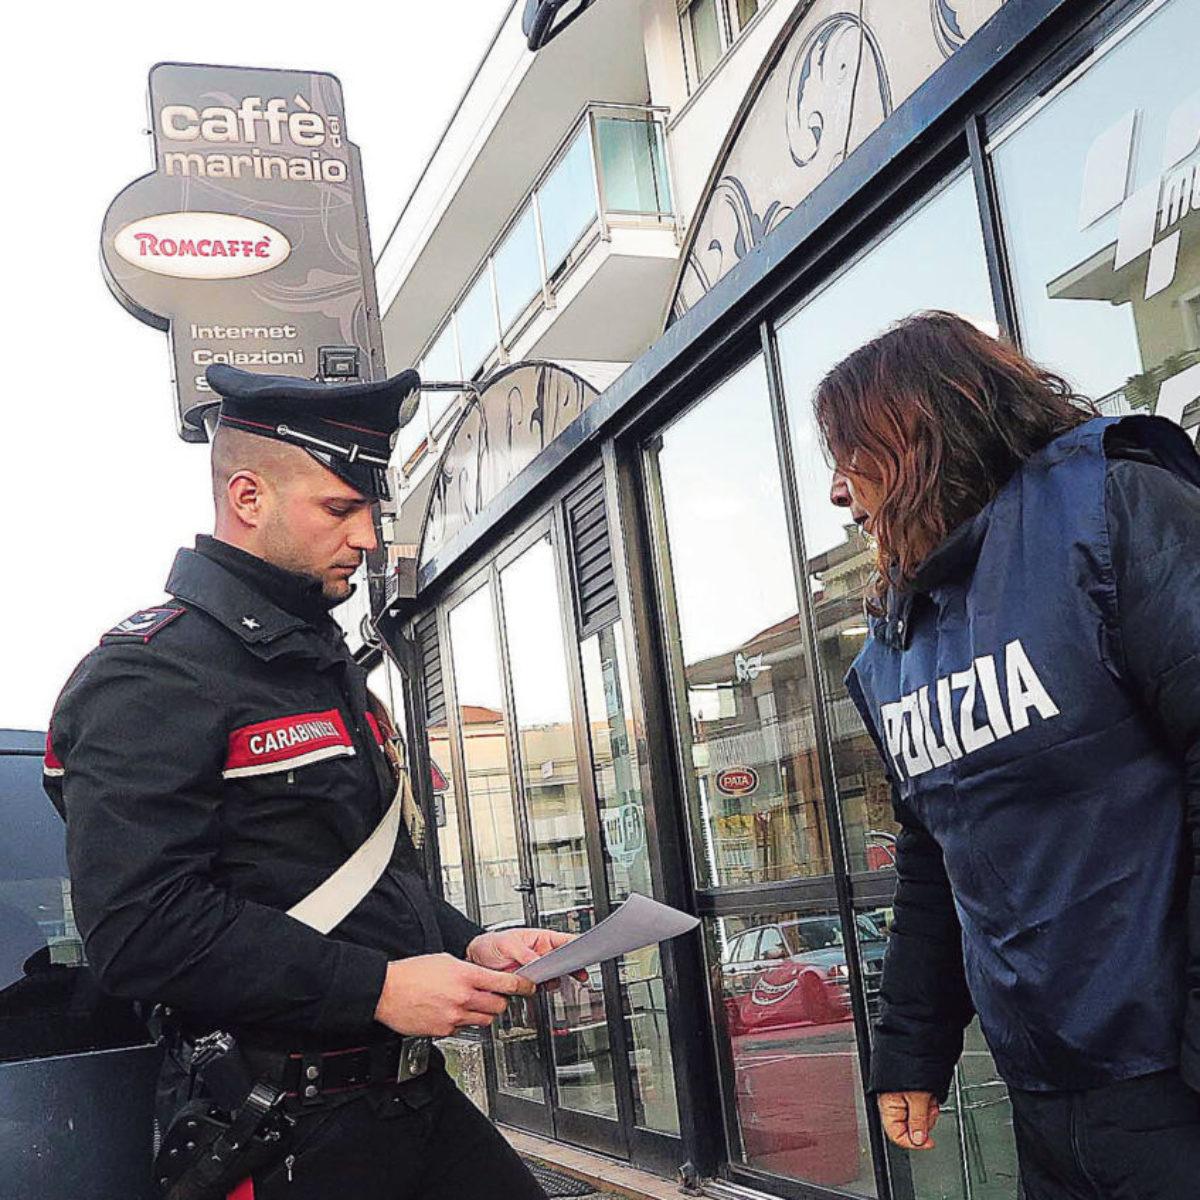 """Aperitivi stupefacenti? Licenza sospesa al """"Caffè del marinaio"""" di Riccione"""